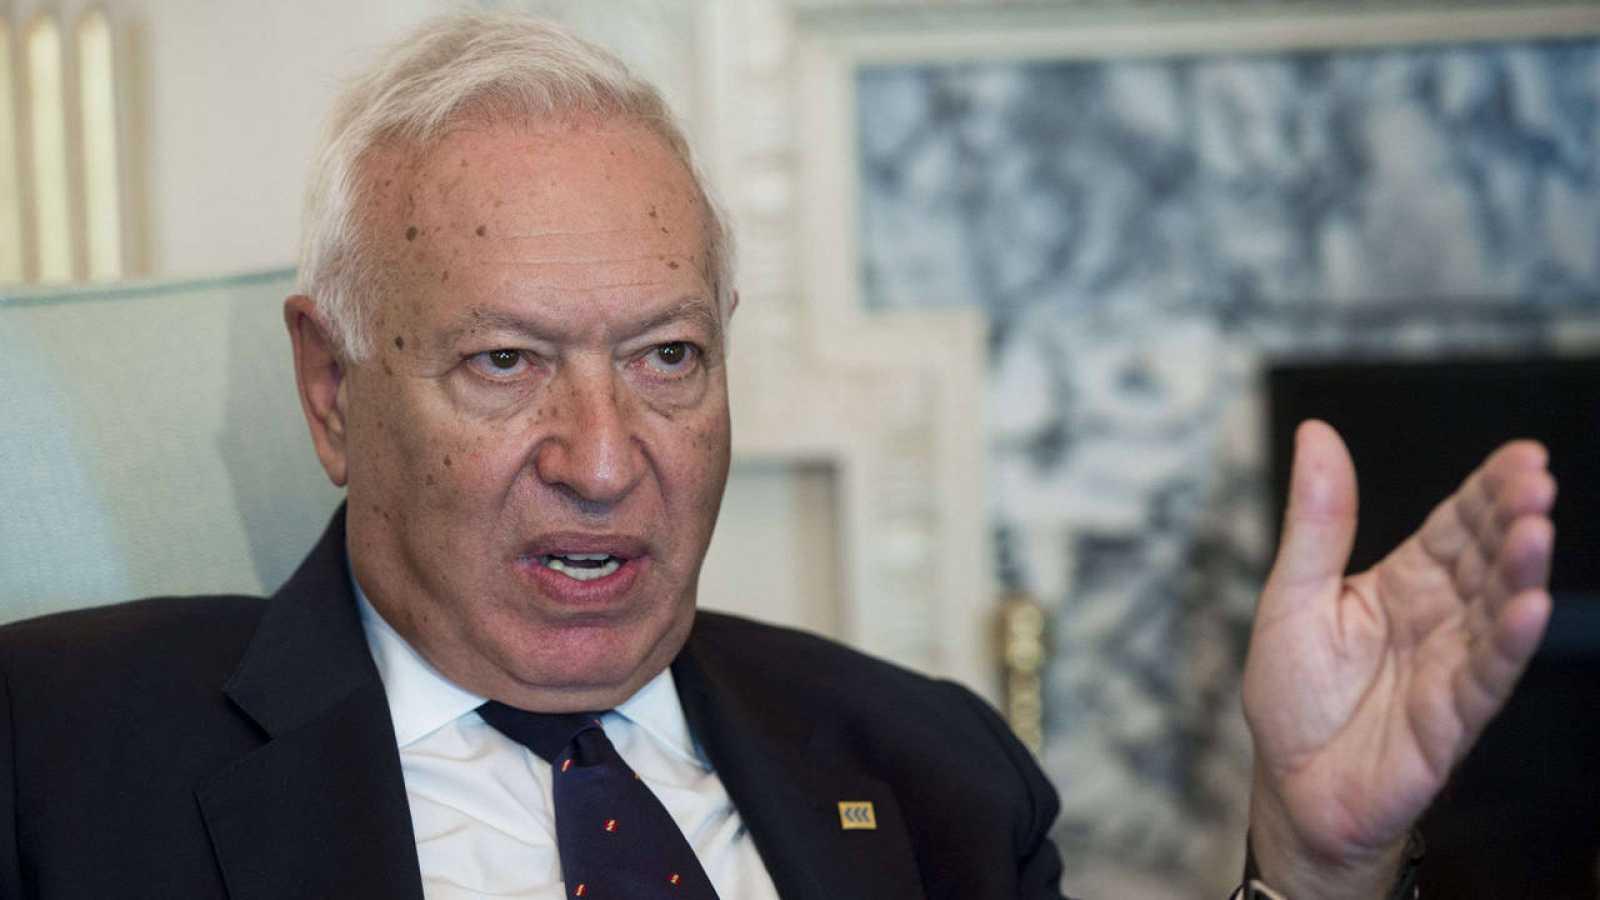 El ministro de Exteriores, José Manuel García-Margallo, en una foto de archivo.